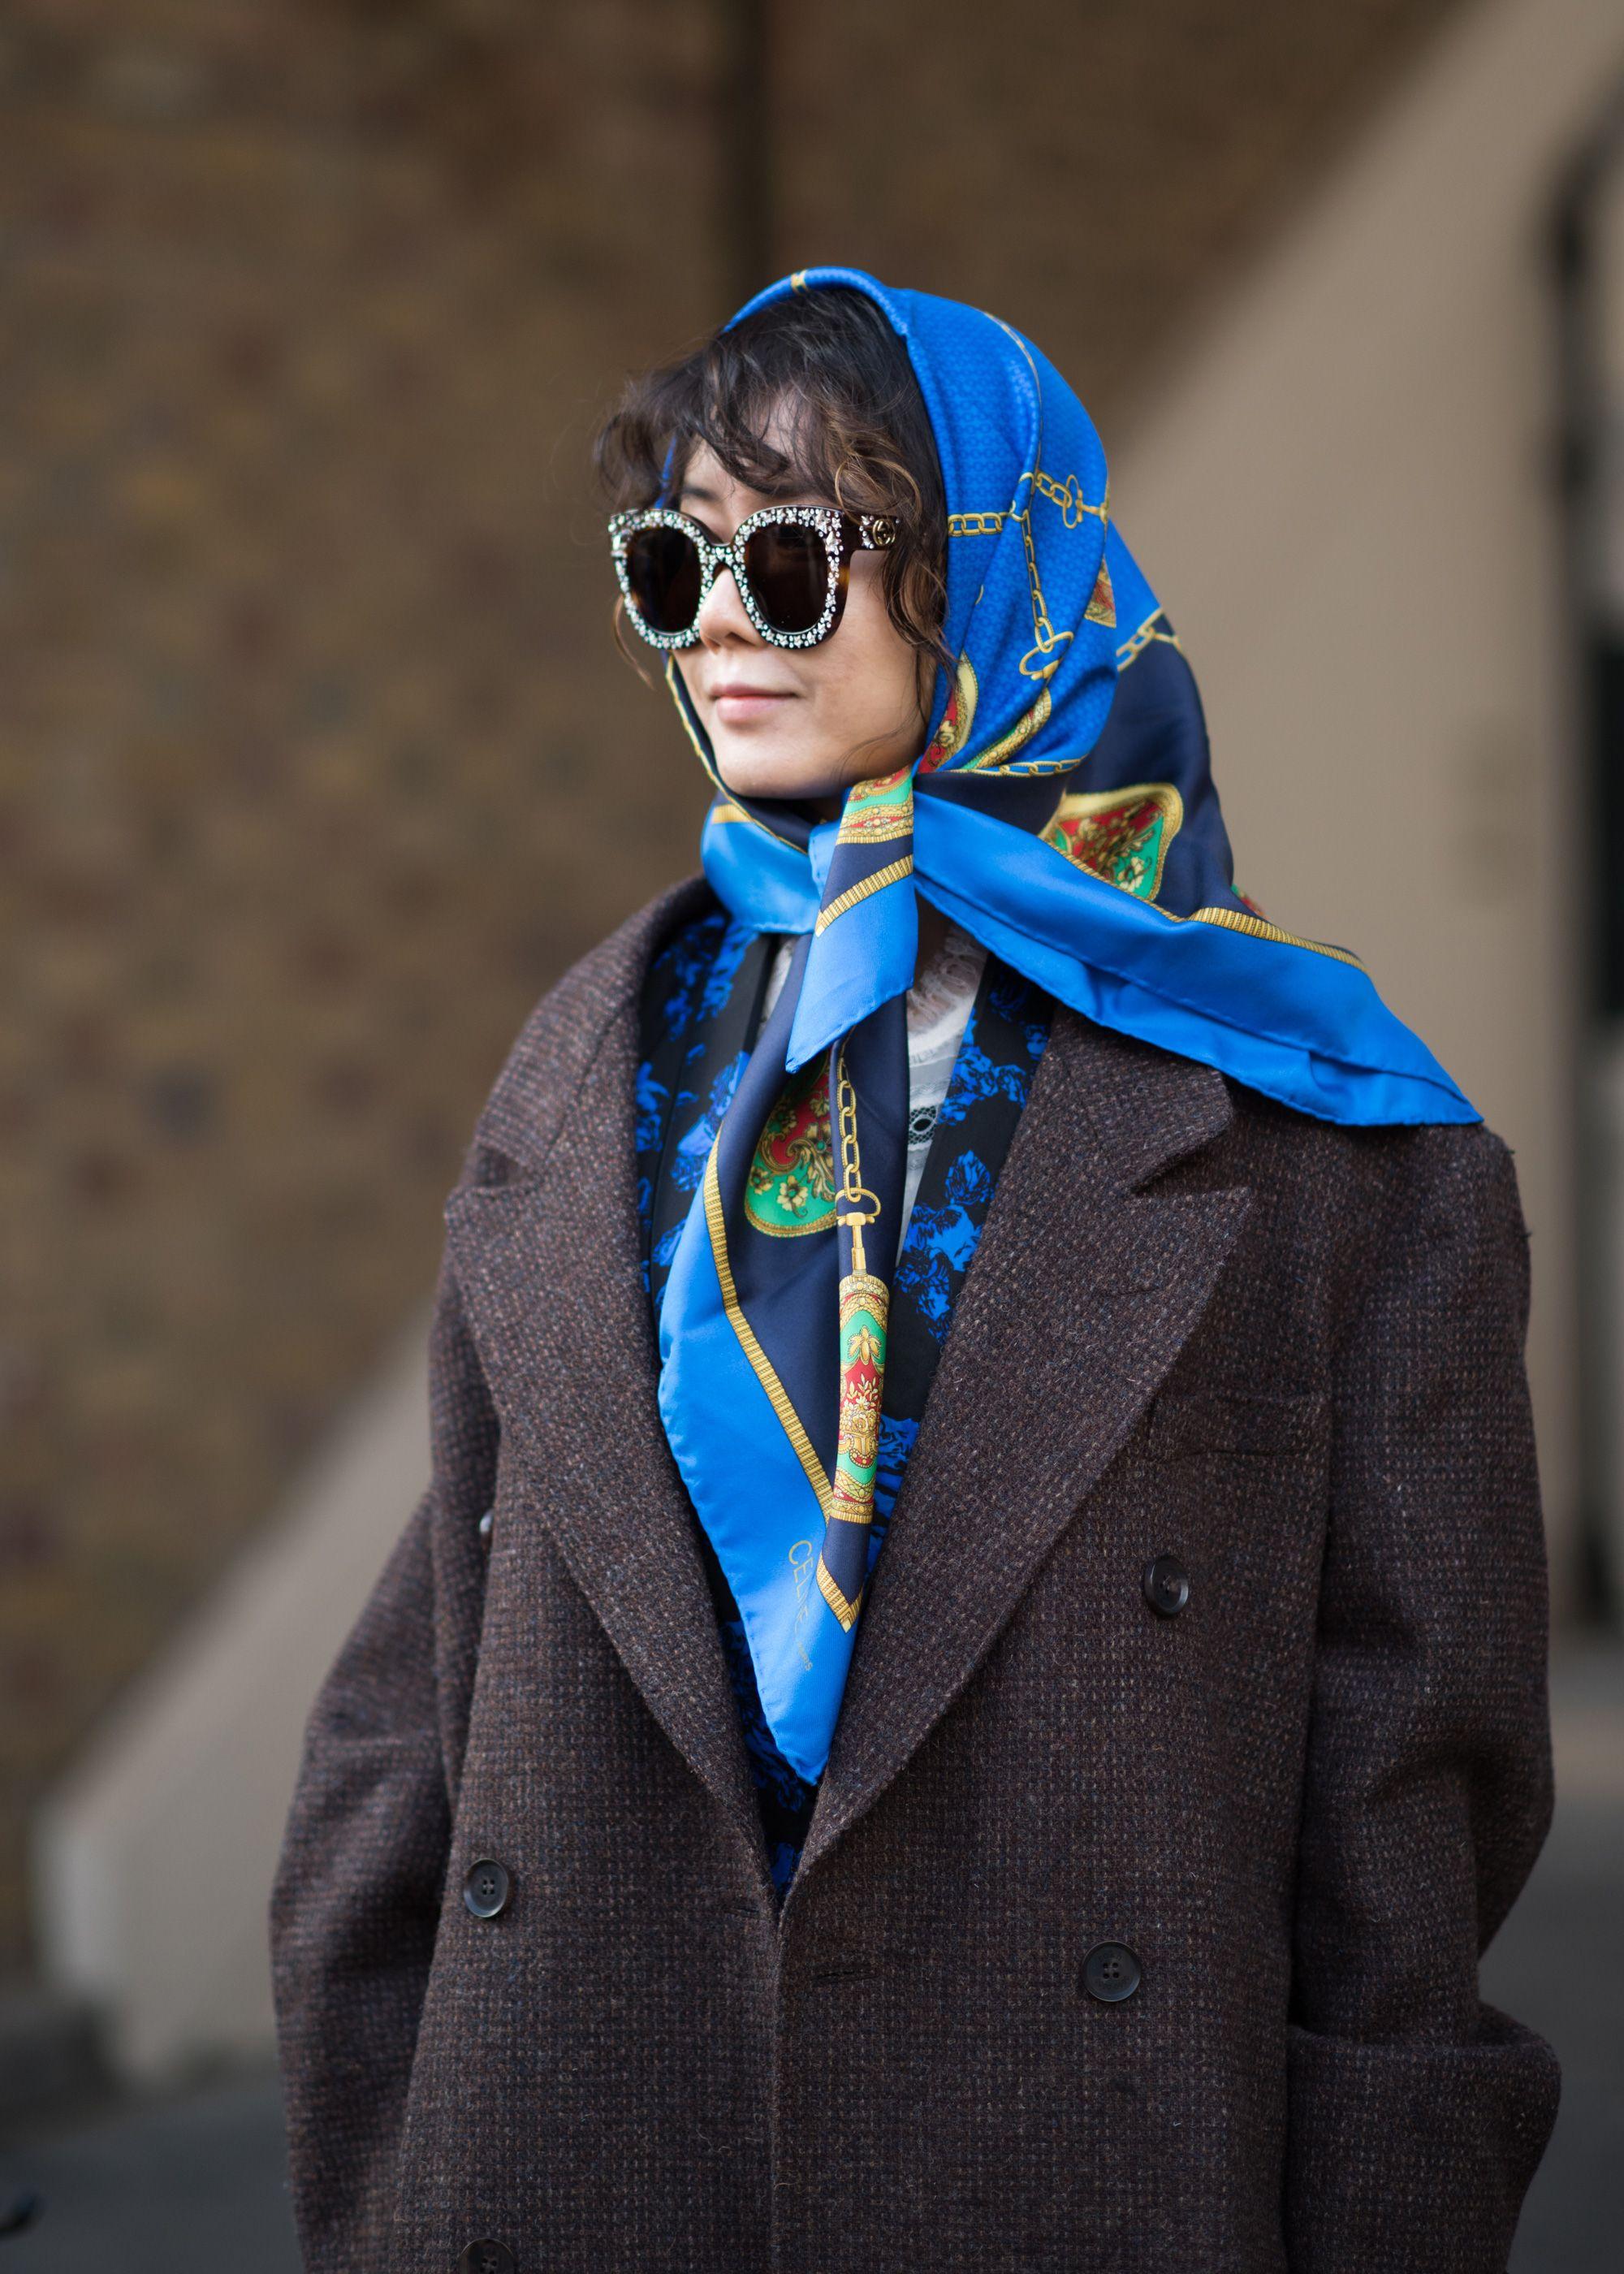 khăn choàng xanh navy và áo khoác dạ màu nâu